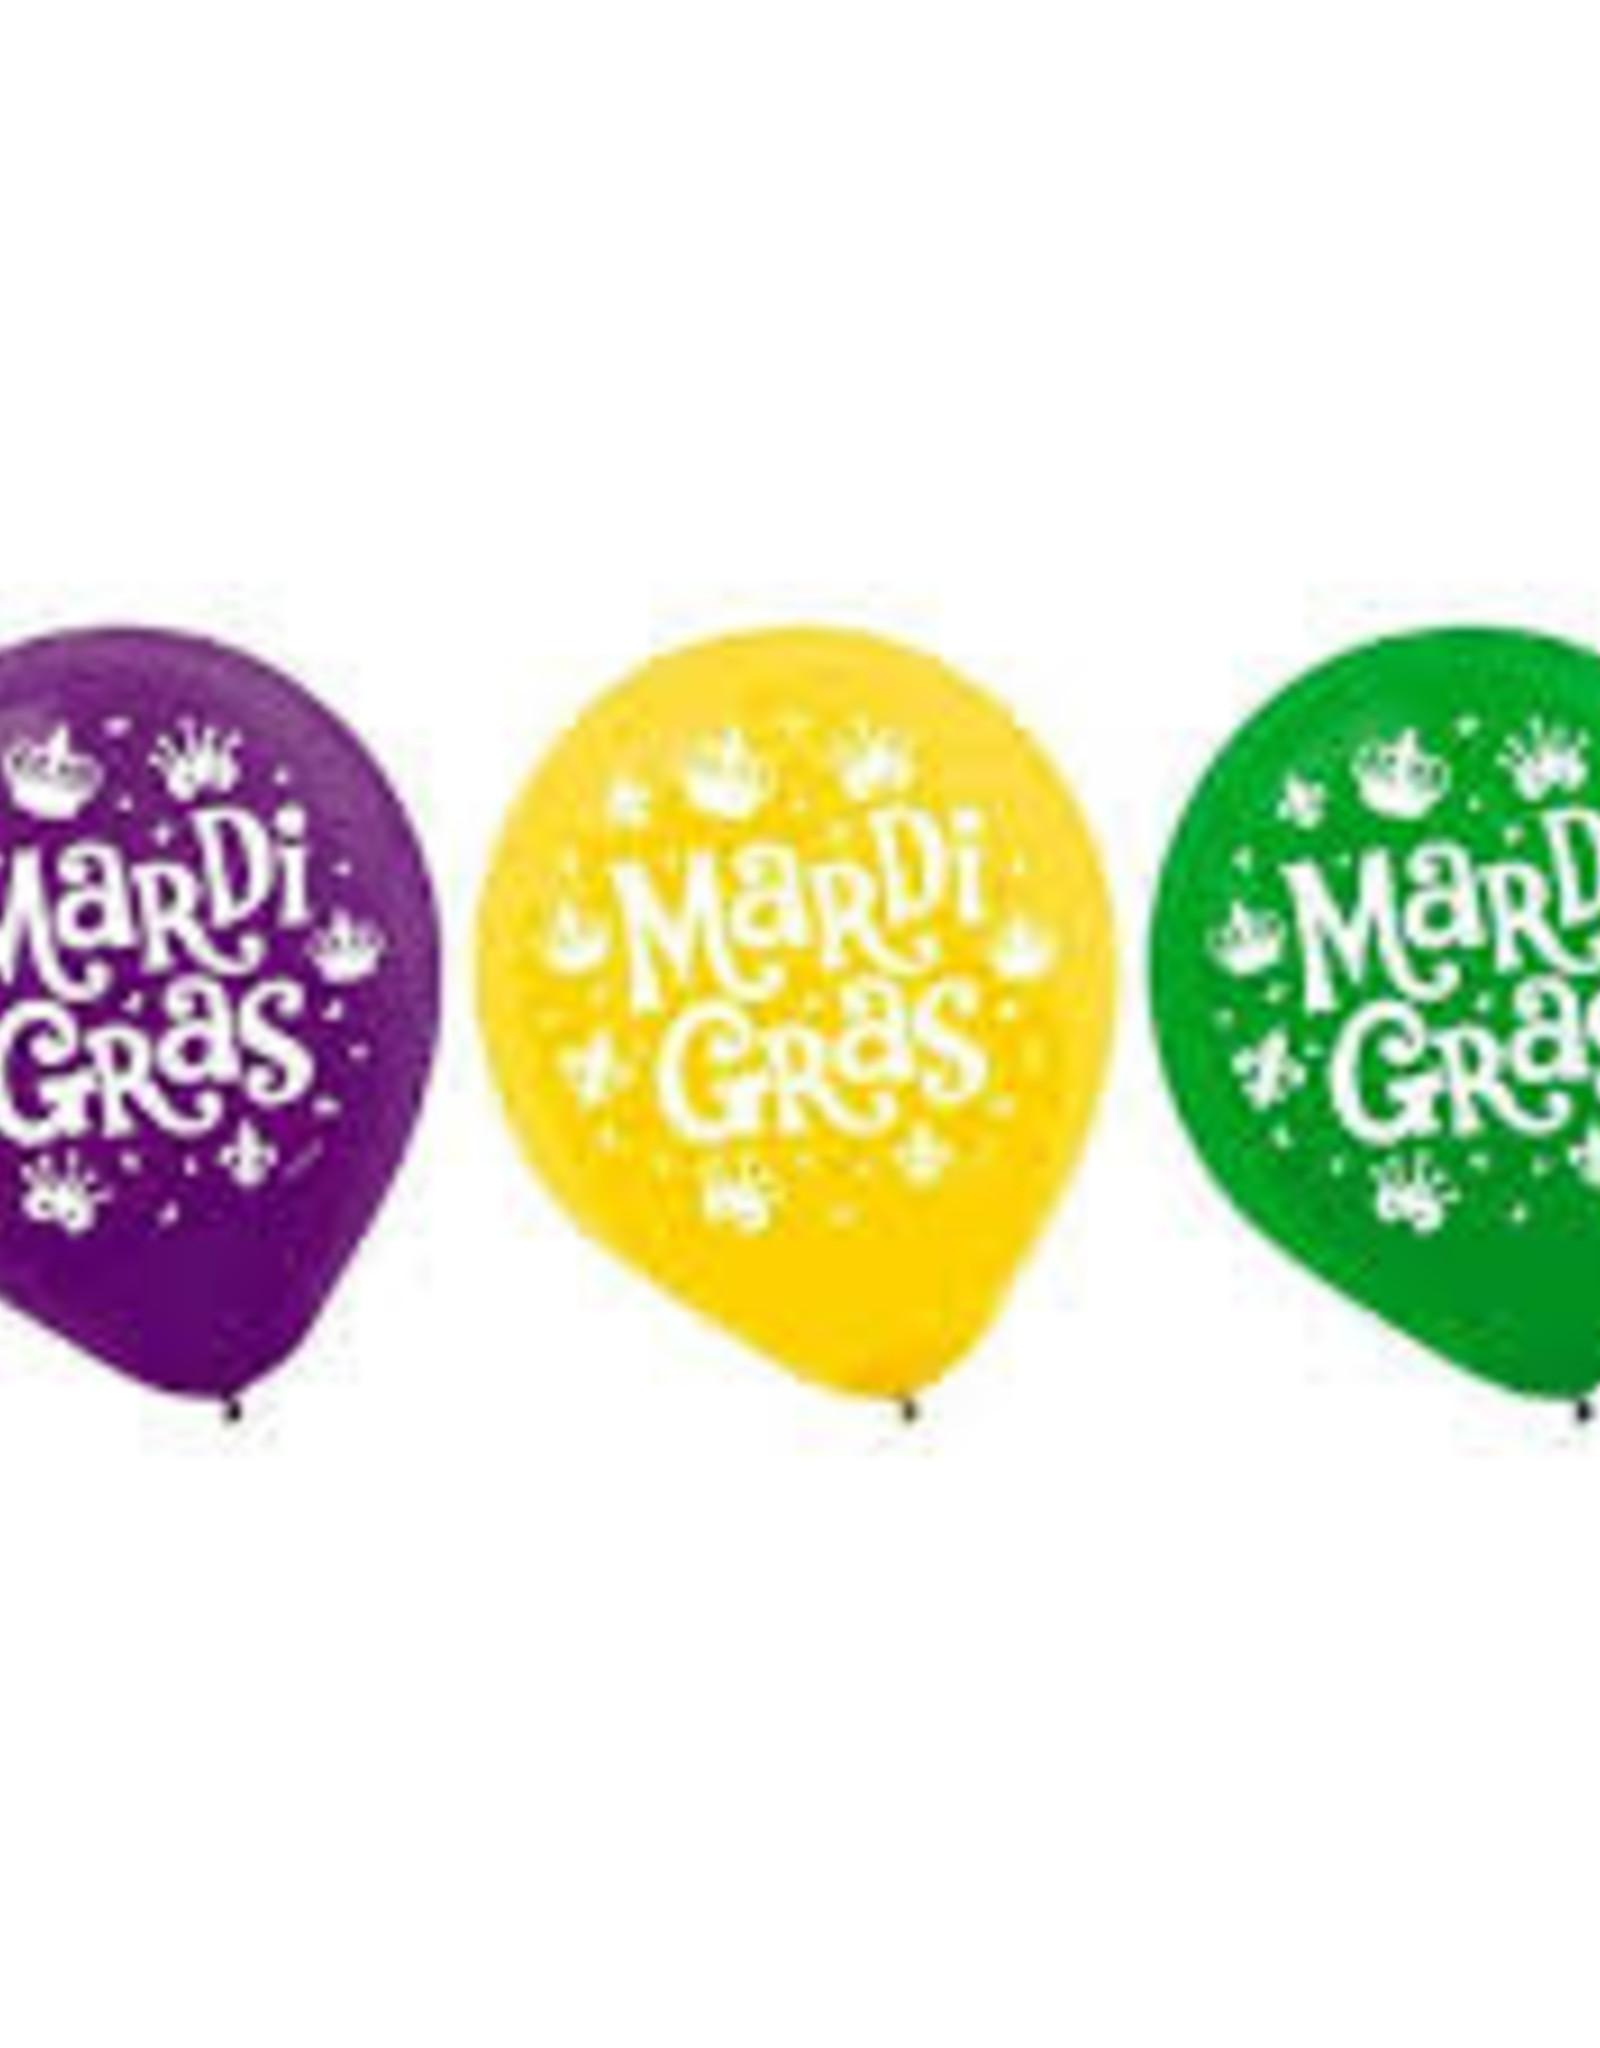 15 mardi gras balloon